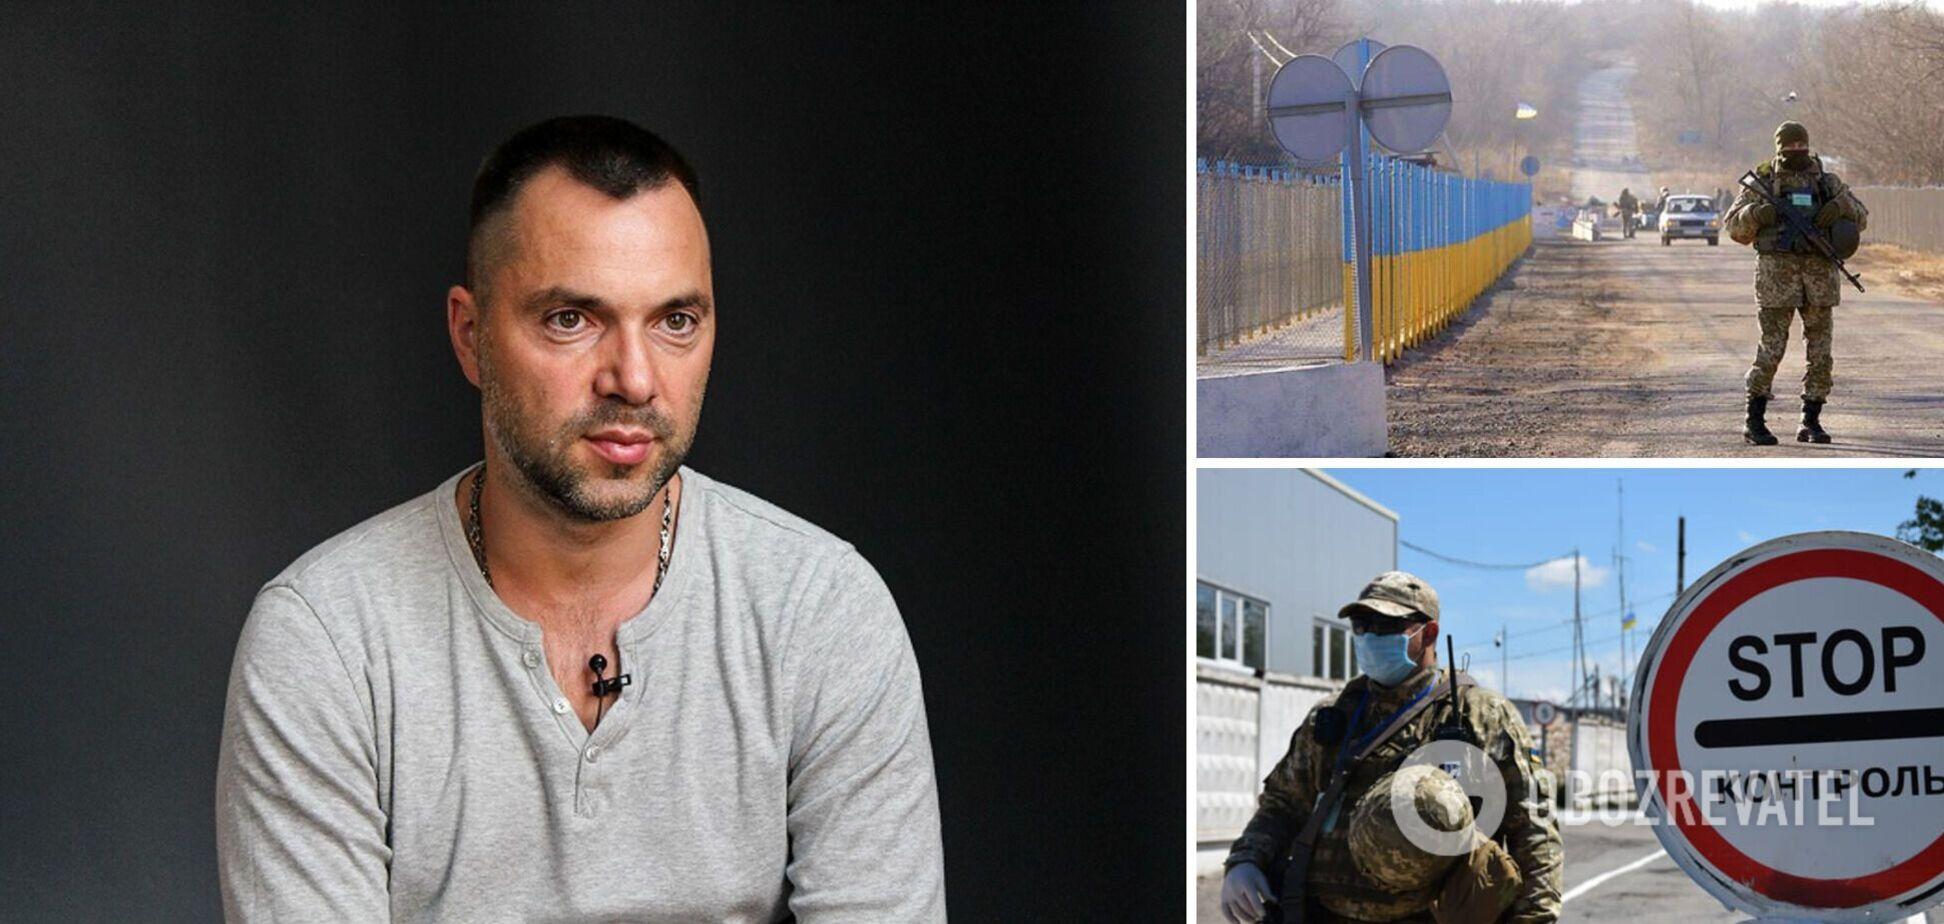 Арестович спрогнозировал отмену штрафов за въезд с ОРДЛО через Россию